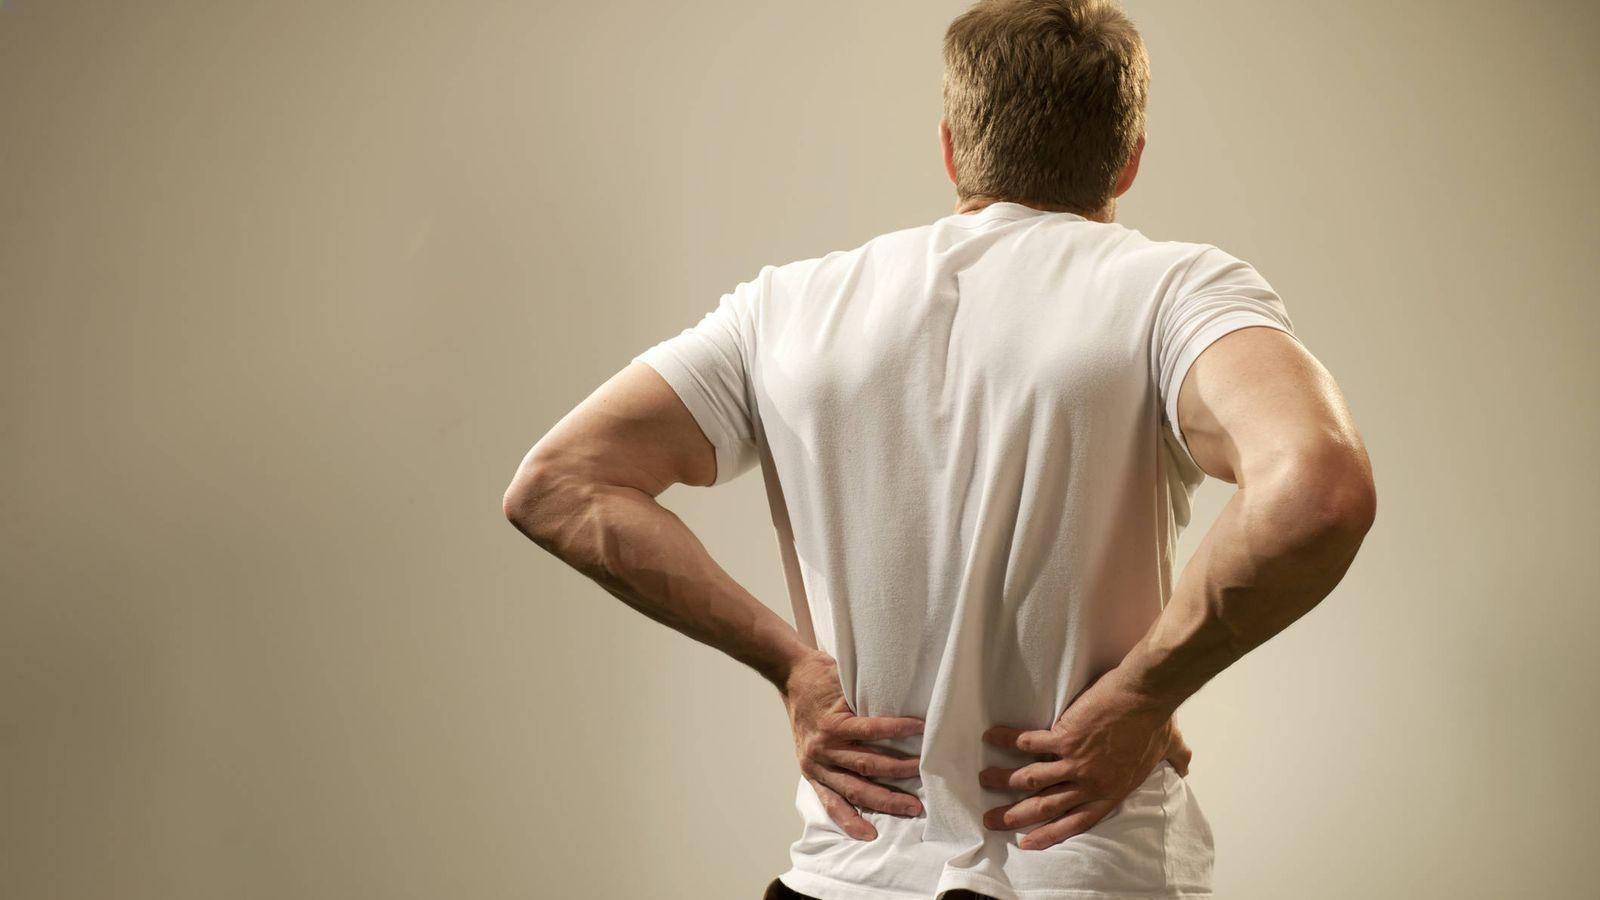 dolor en la pelvis al defecar